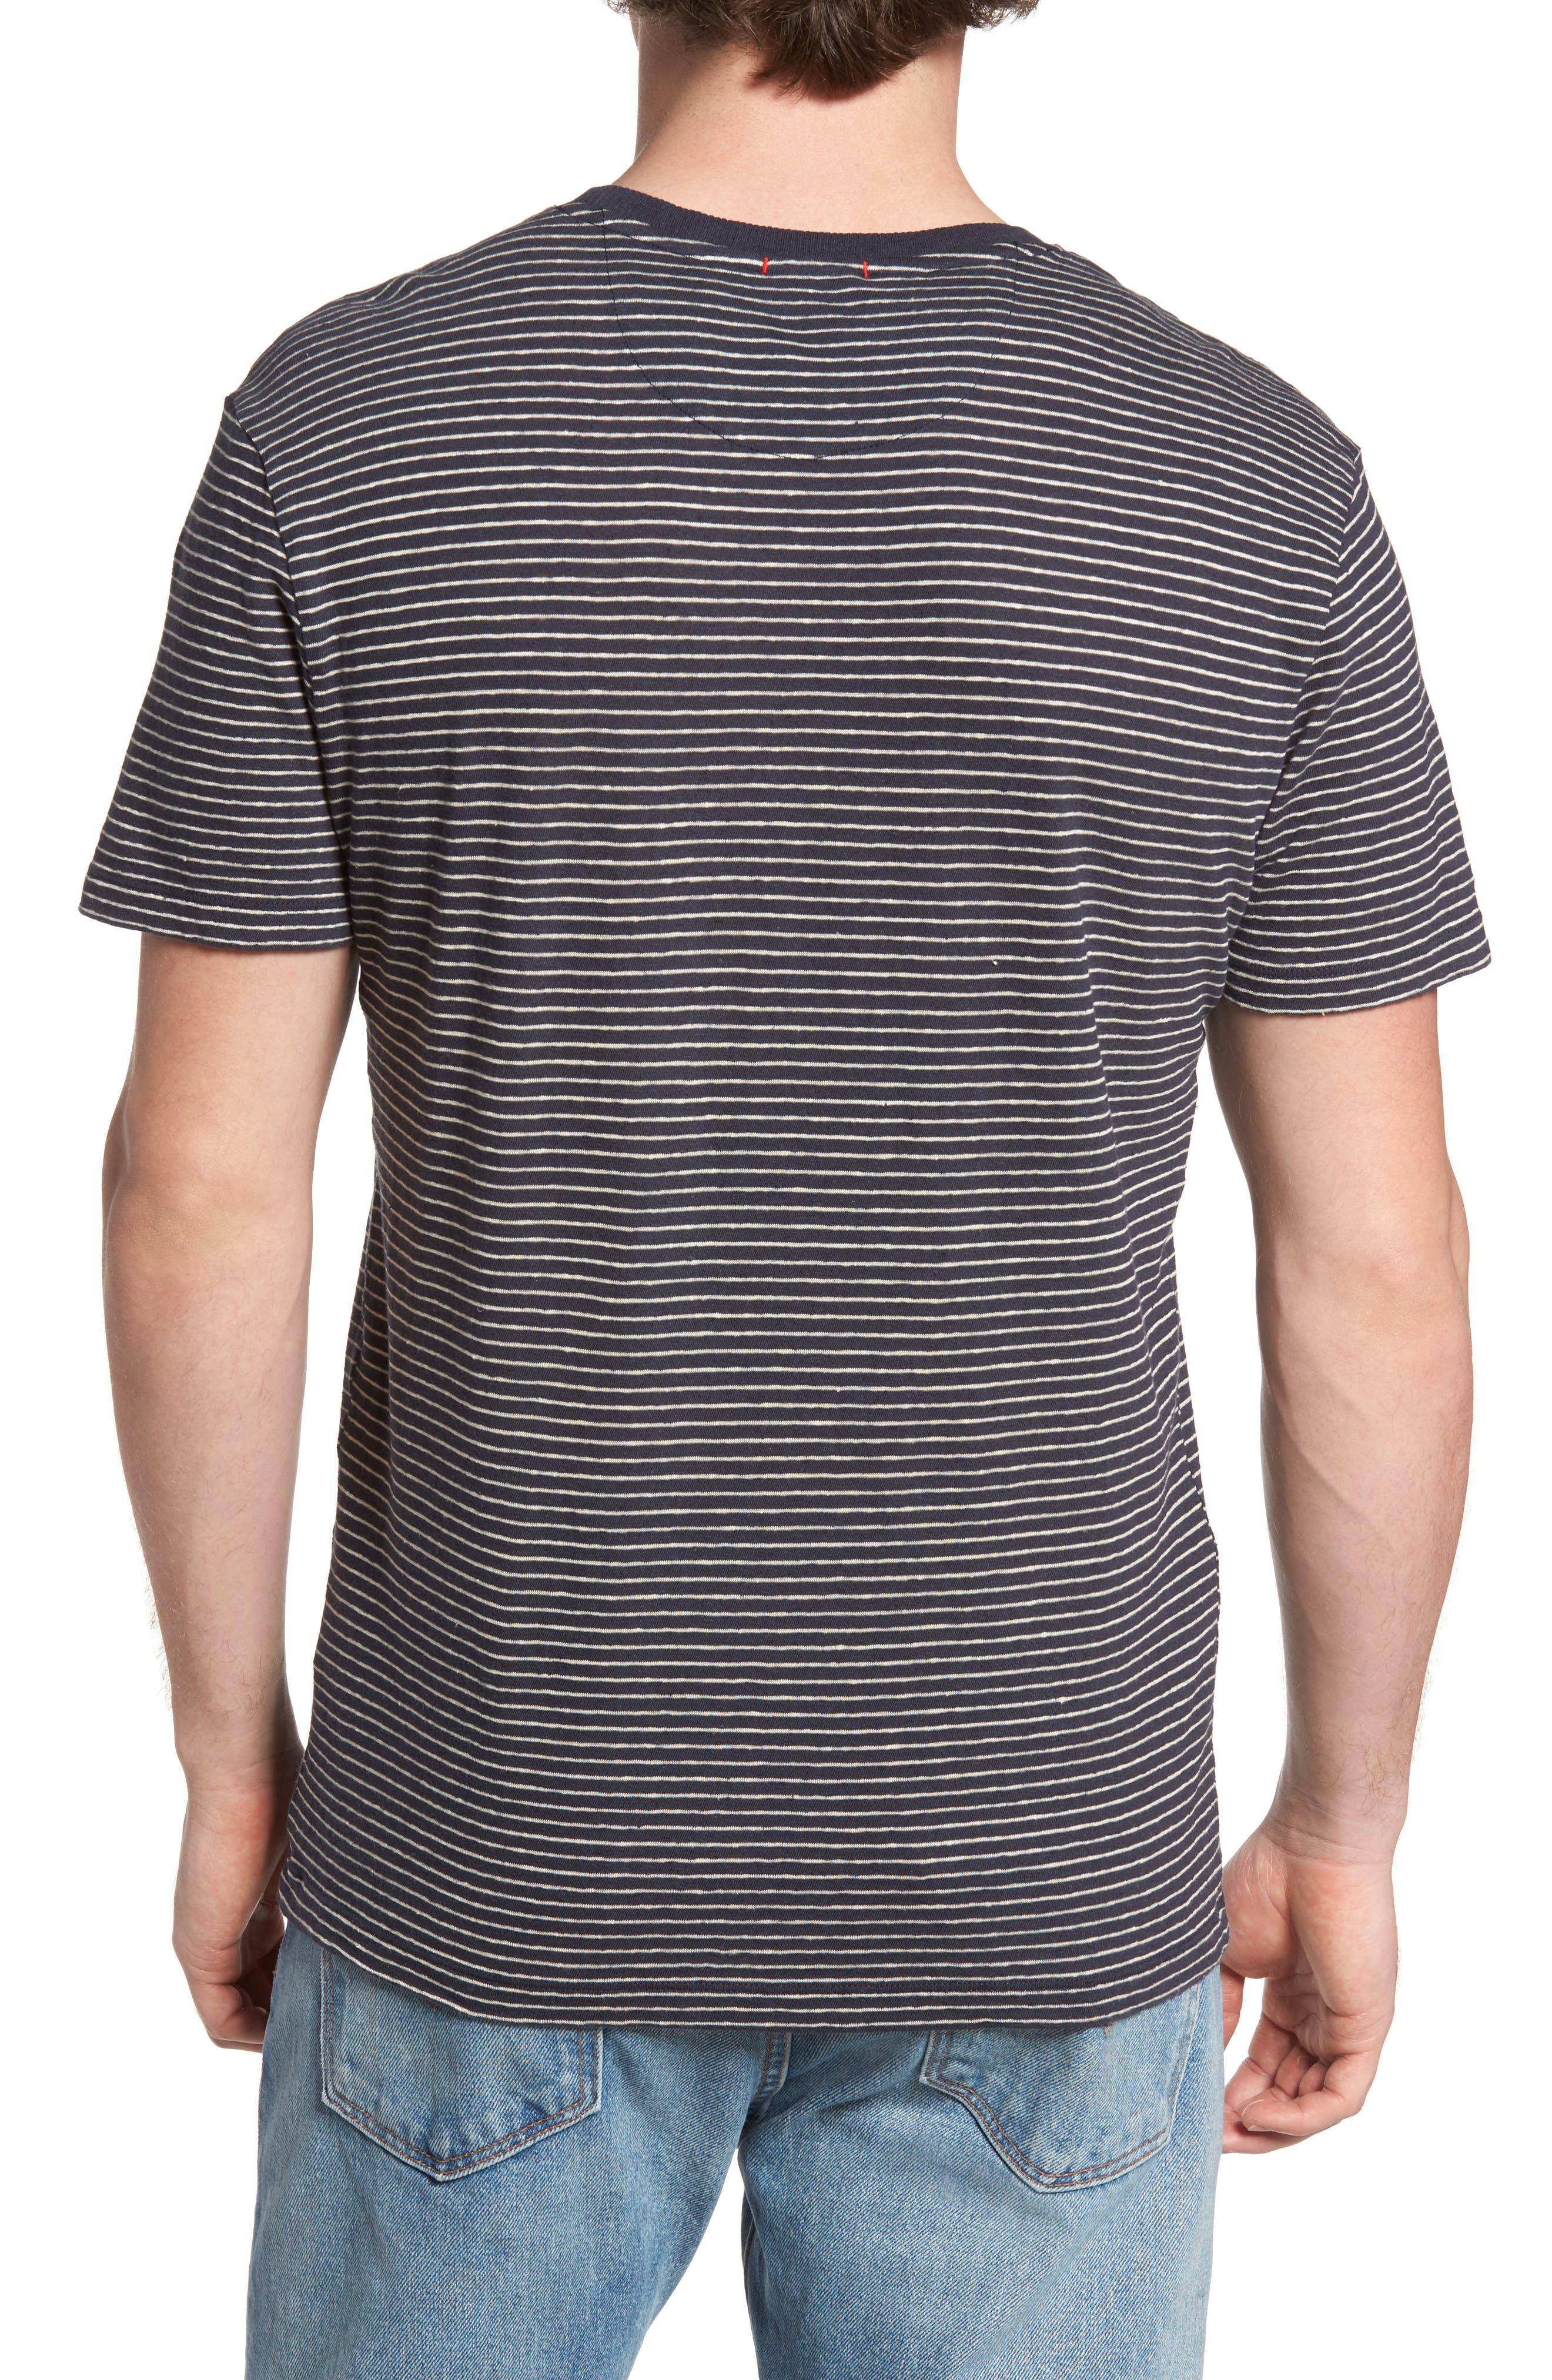 Alternate Image 2  - Woolrich John Rich Stripe Cotton & Linen T-Shirt